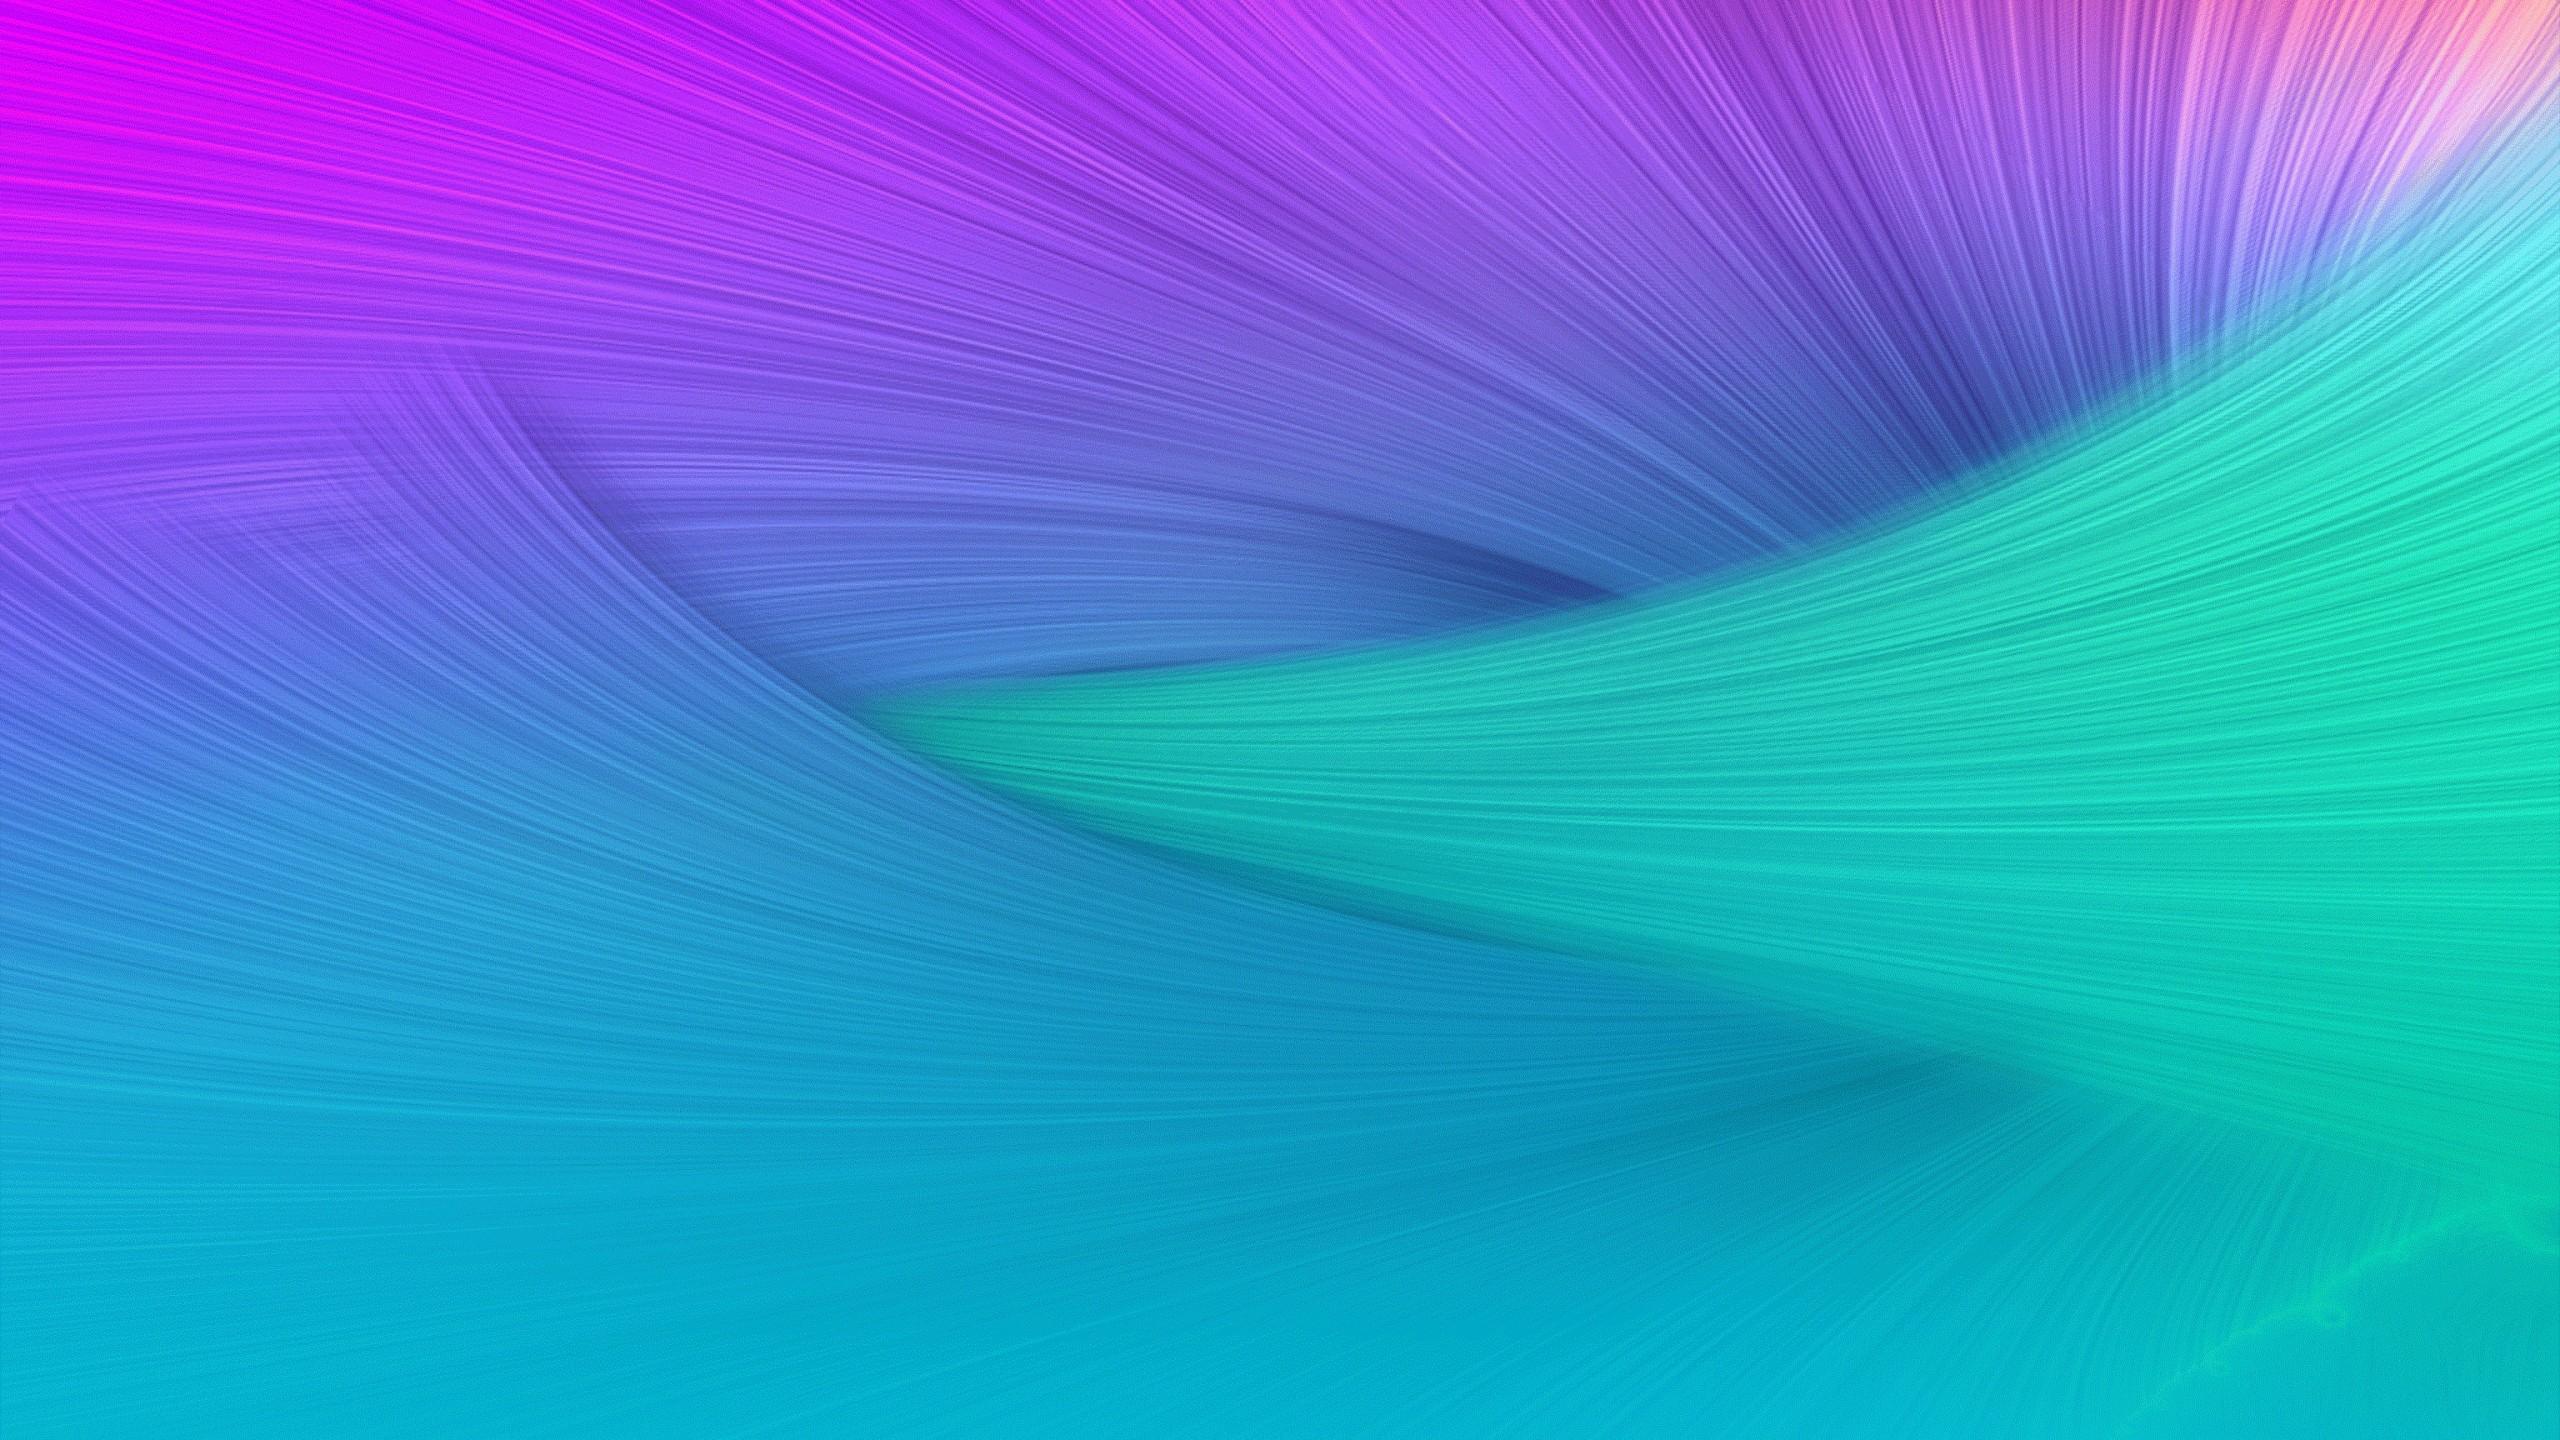 Wallpaper waves, 4k, HD wallpaper